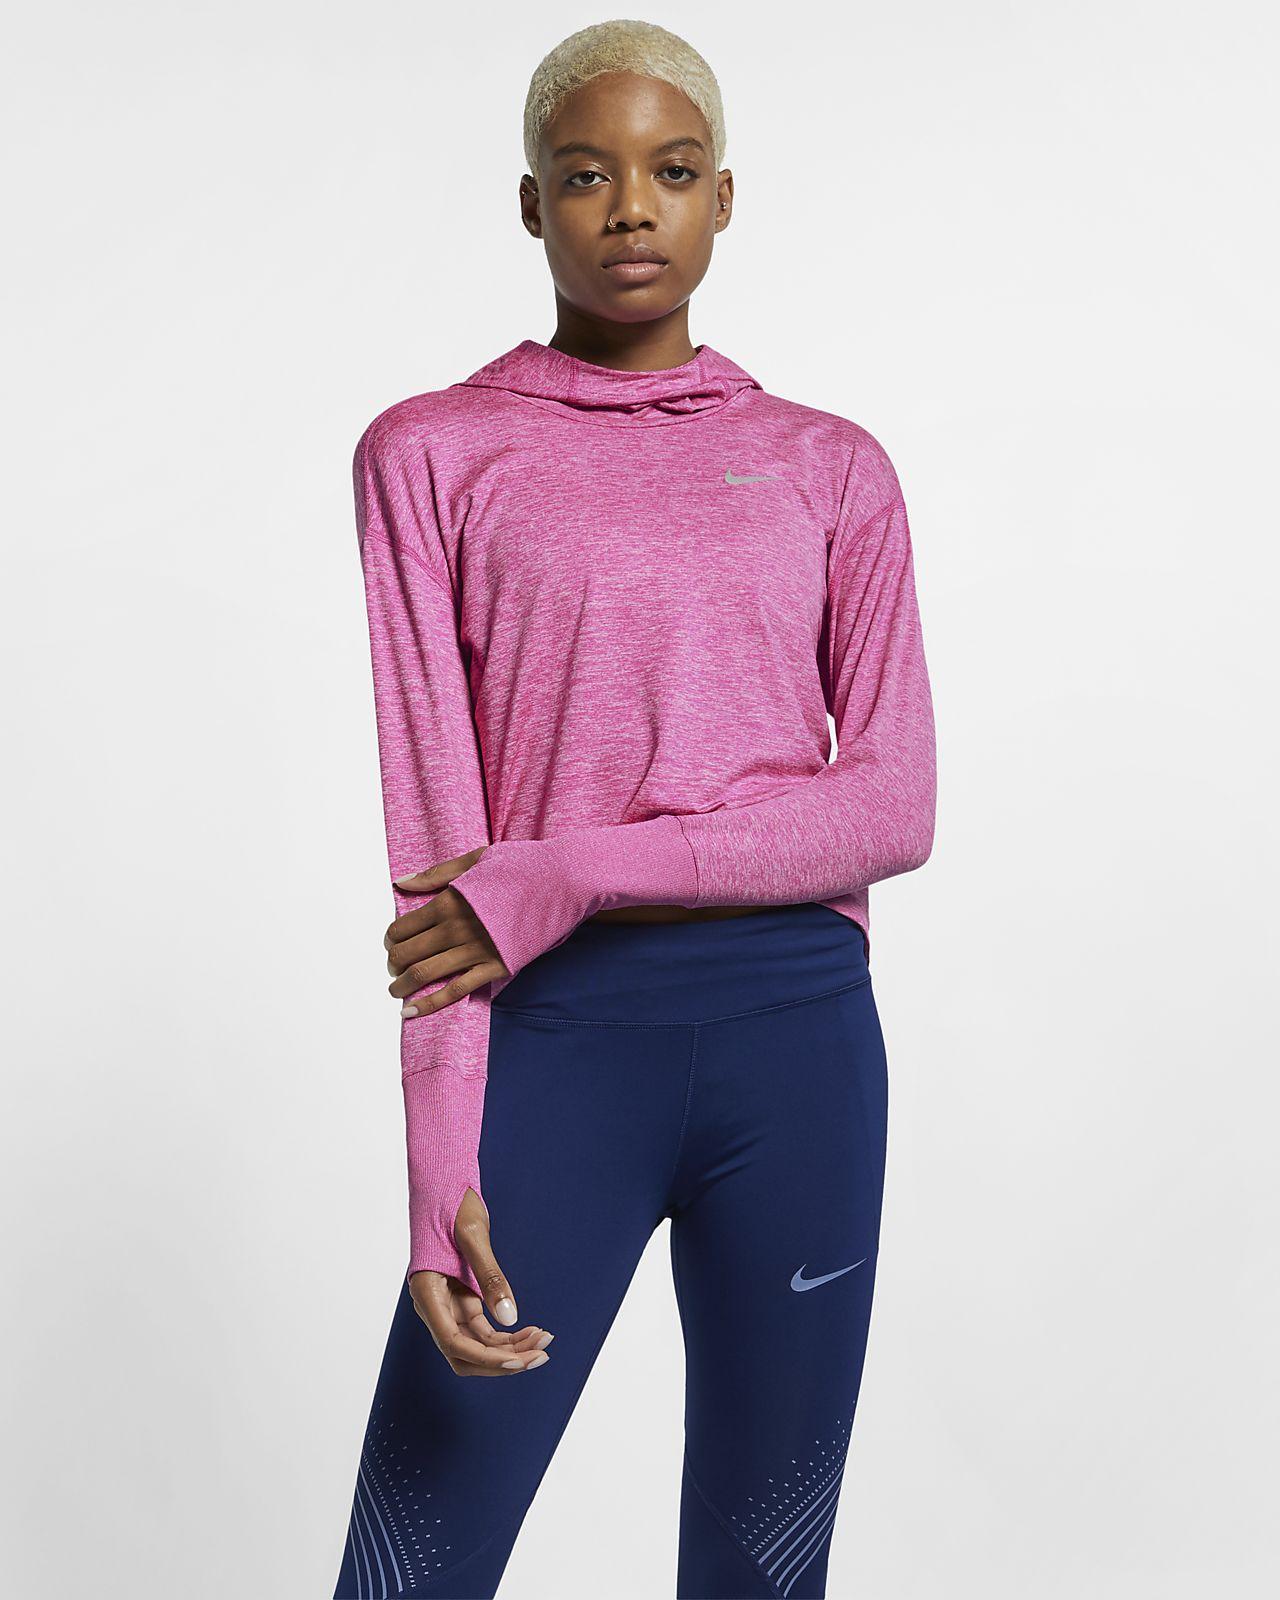 Hoodie de running Nike para mulher